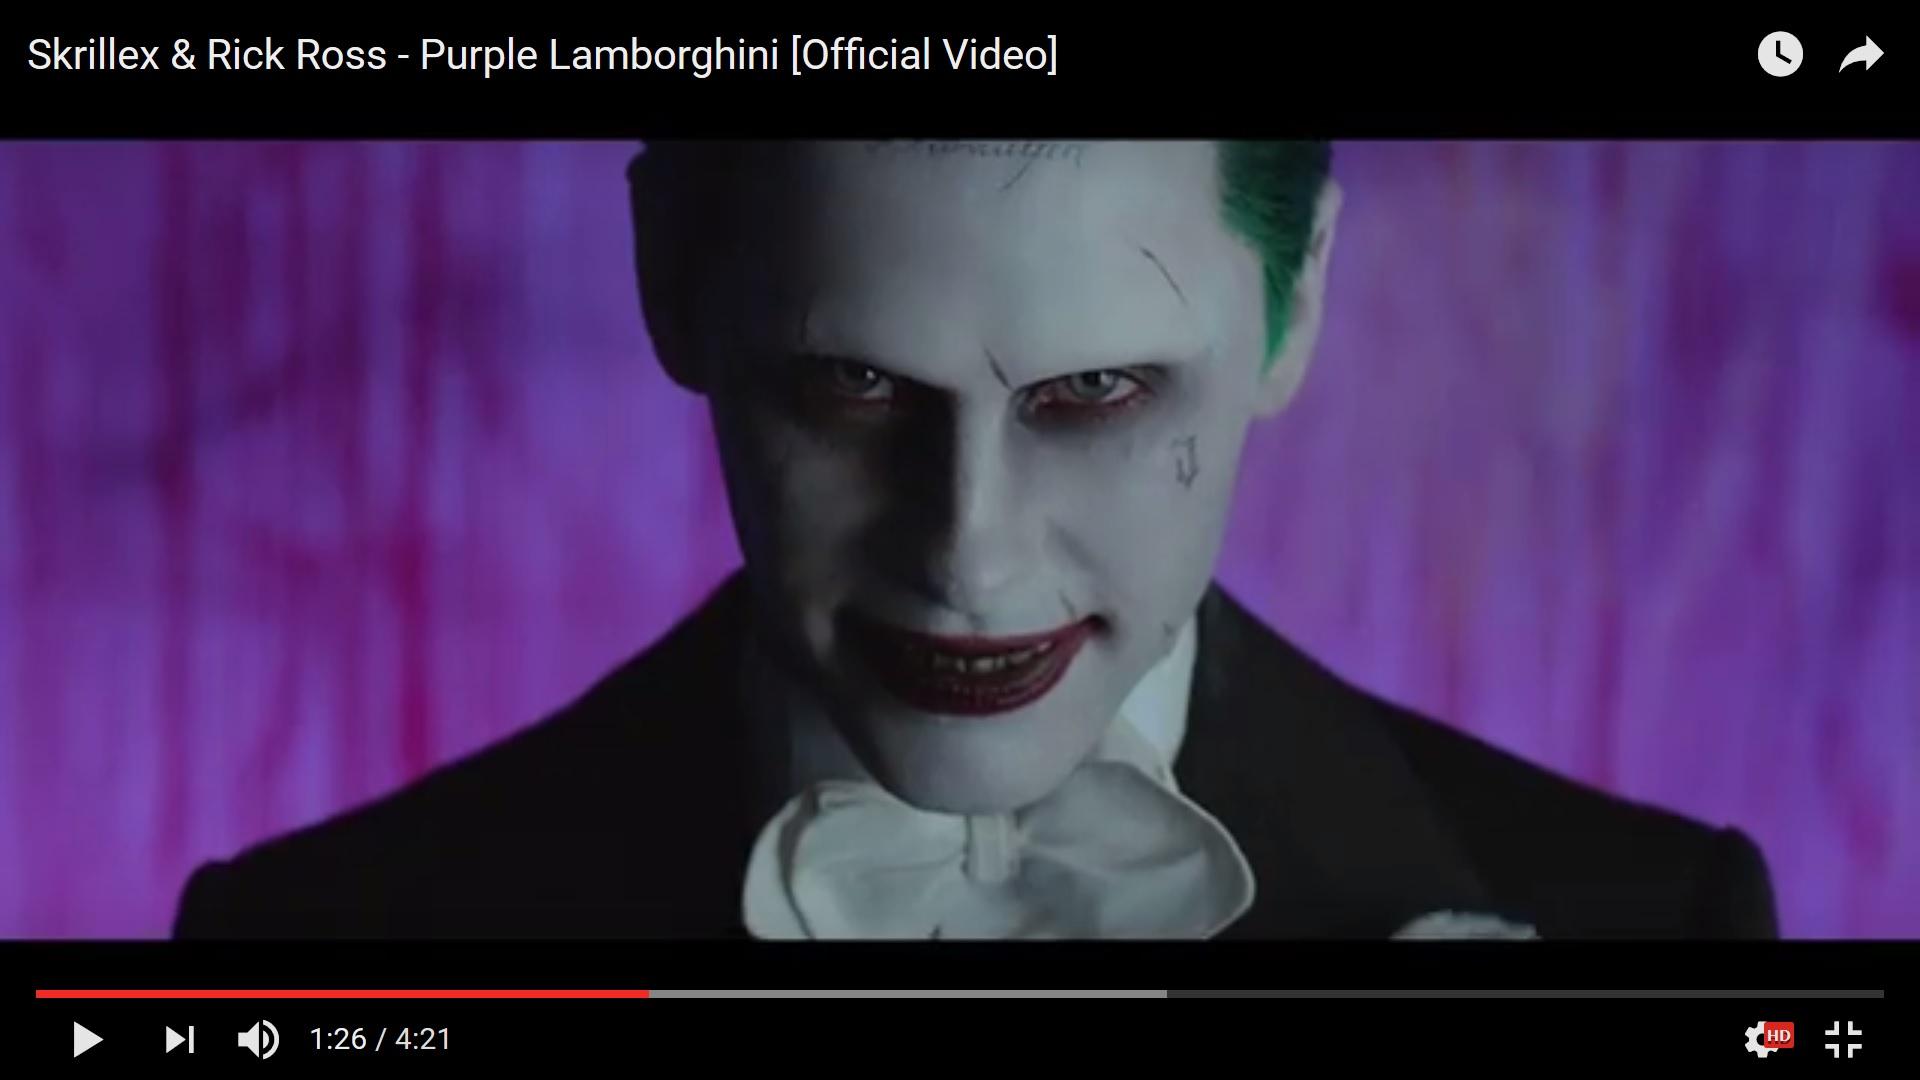 Джаред Лето в образе Джокера снялся в клипе к саундтреку фильма Отряд Cамоубийц